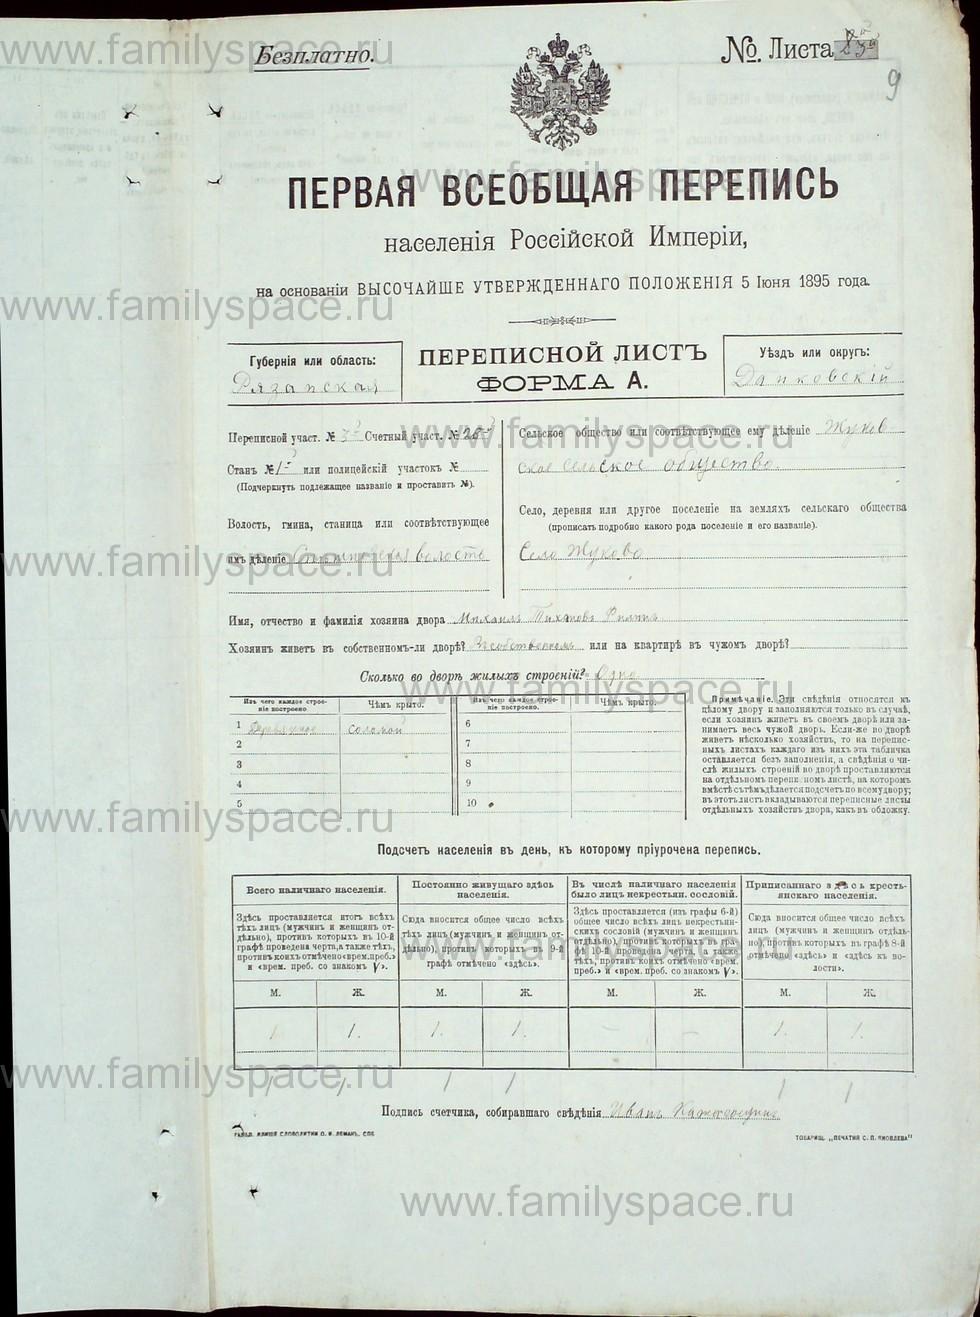 Поиск по фамилии - Первая всеобщая перепись населения Российской империи 1897 года, Рязанская губерния, Данковский уезд, страница 2198